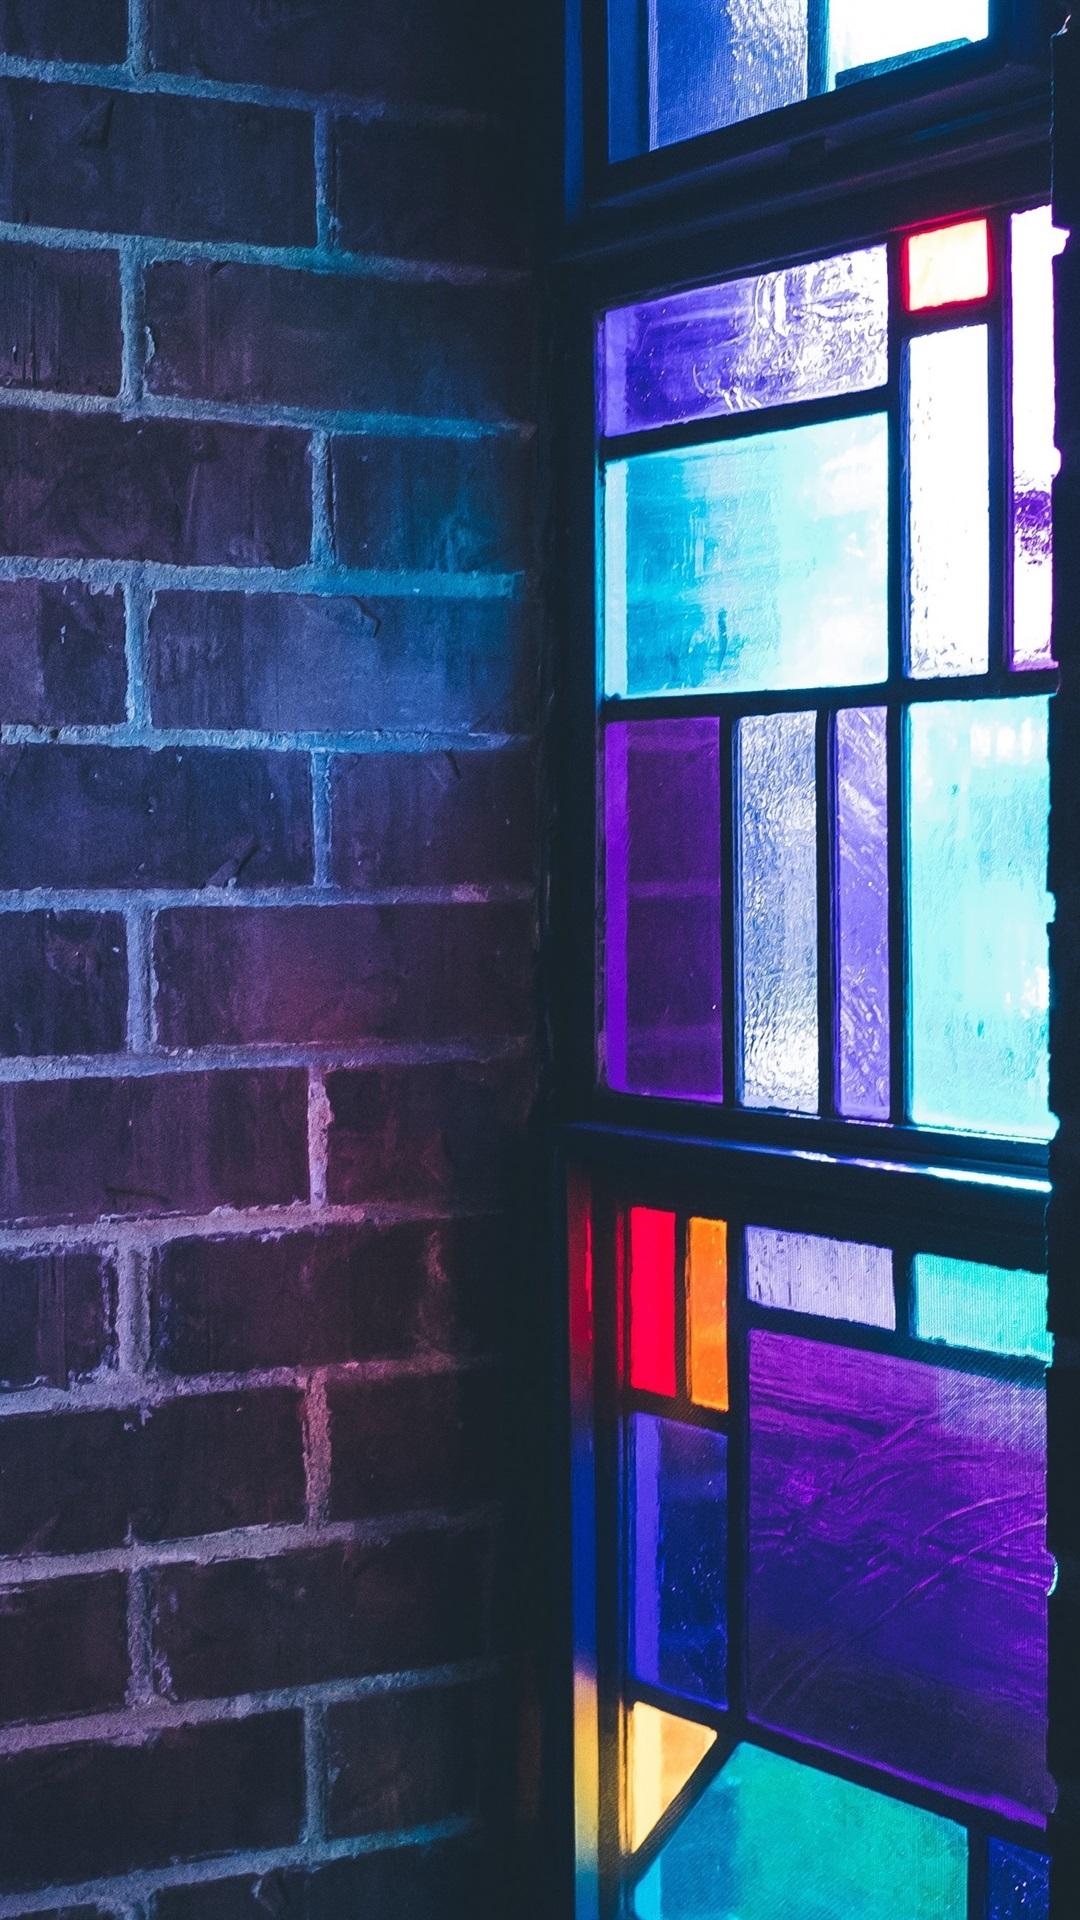 ステンドグラス カラフル 窓 壁 1080x19 Iphone 8 7 6 6s Plus 壁紙 背景 画像